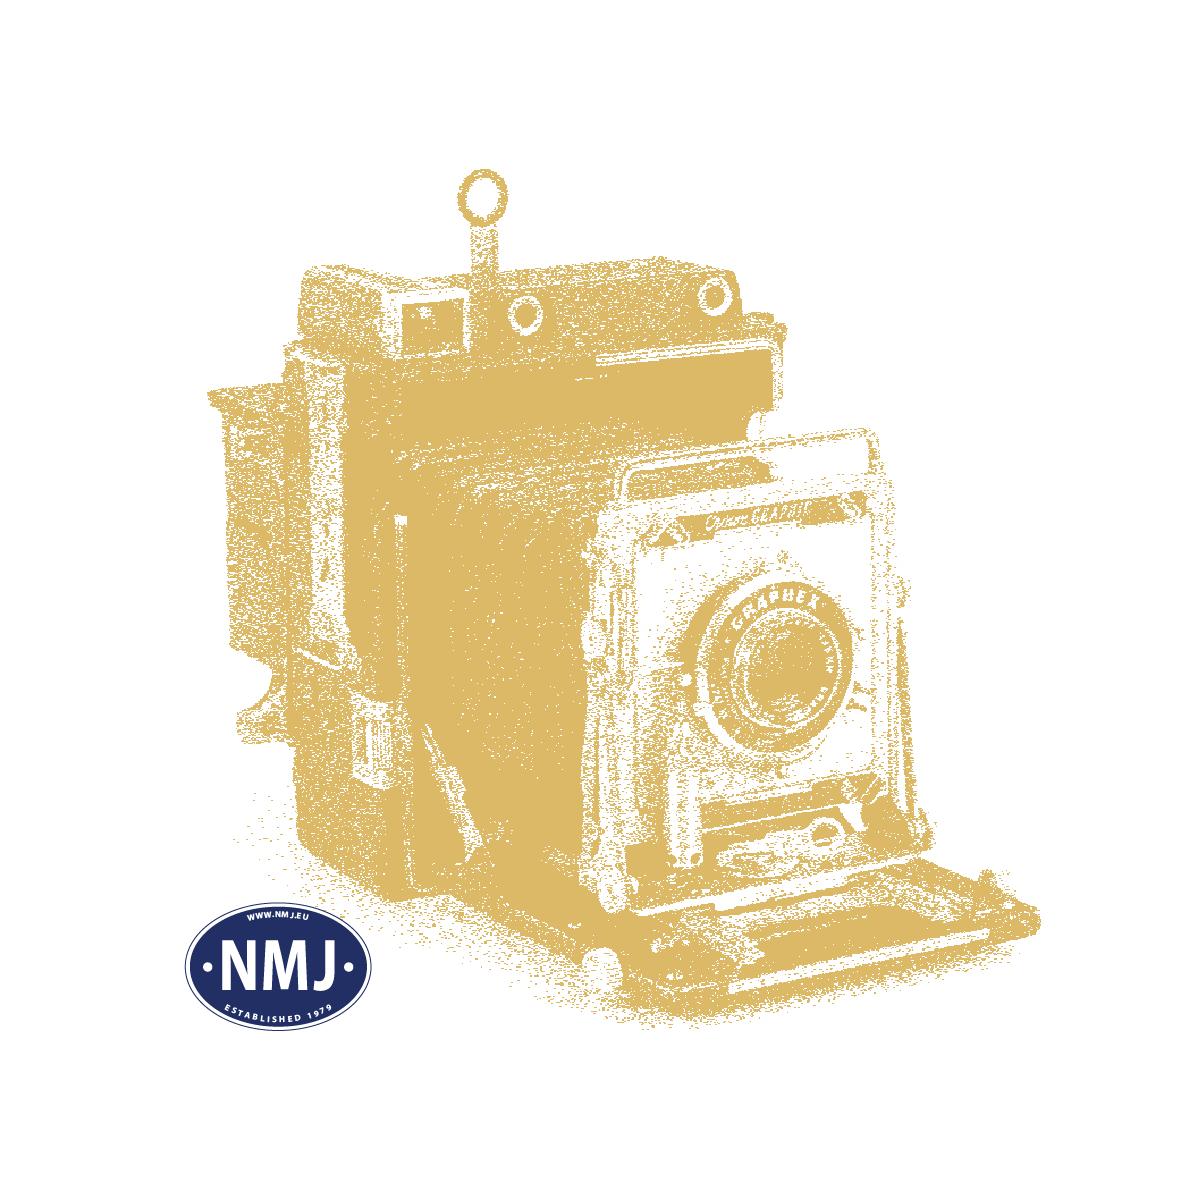 NMJT9923 - Ploger, Bremseslanger for El11